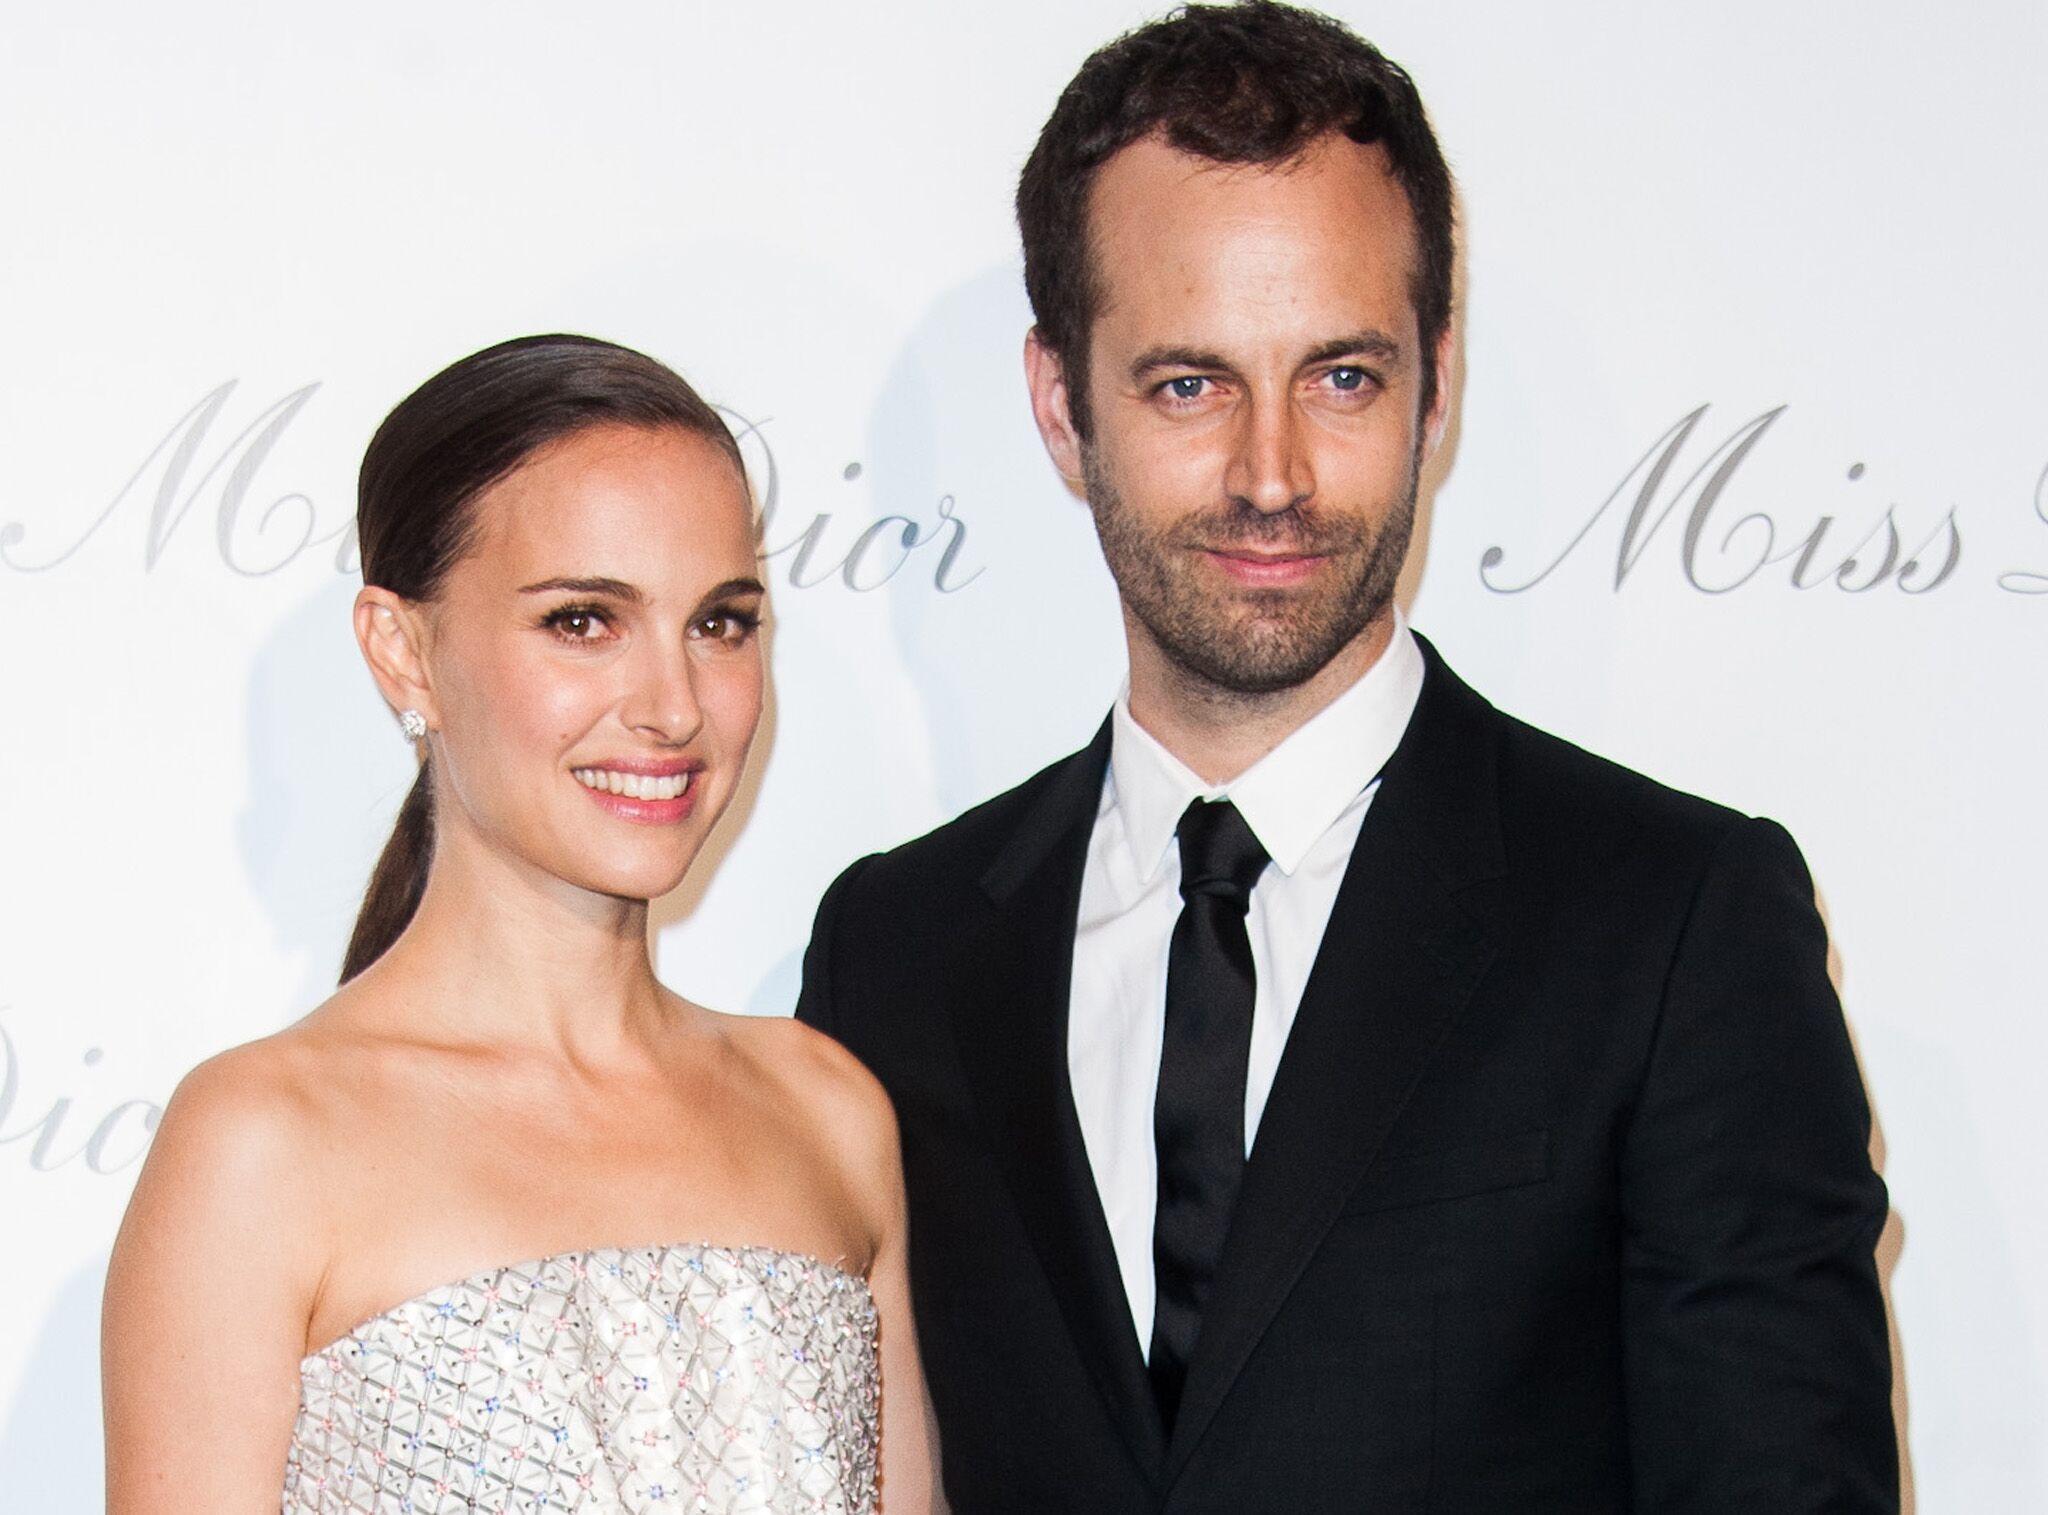 Benjamin Millepied Se Convertit Au Judaïsme Pour Natalie Portman Voici